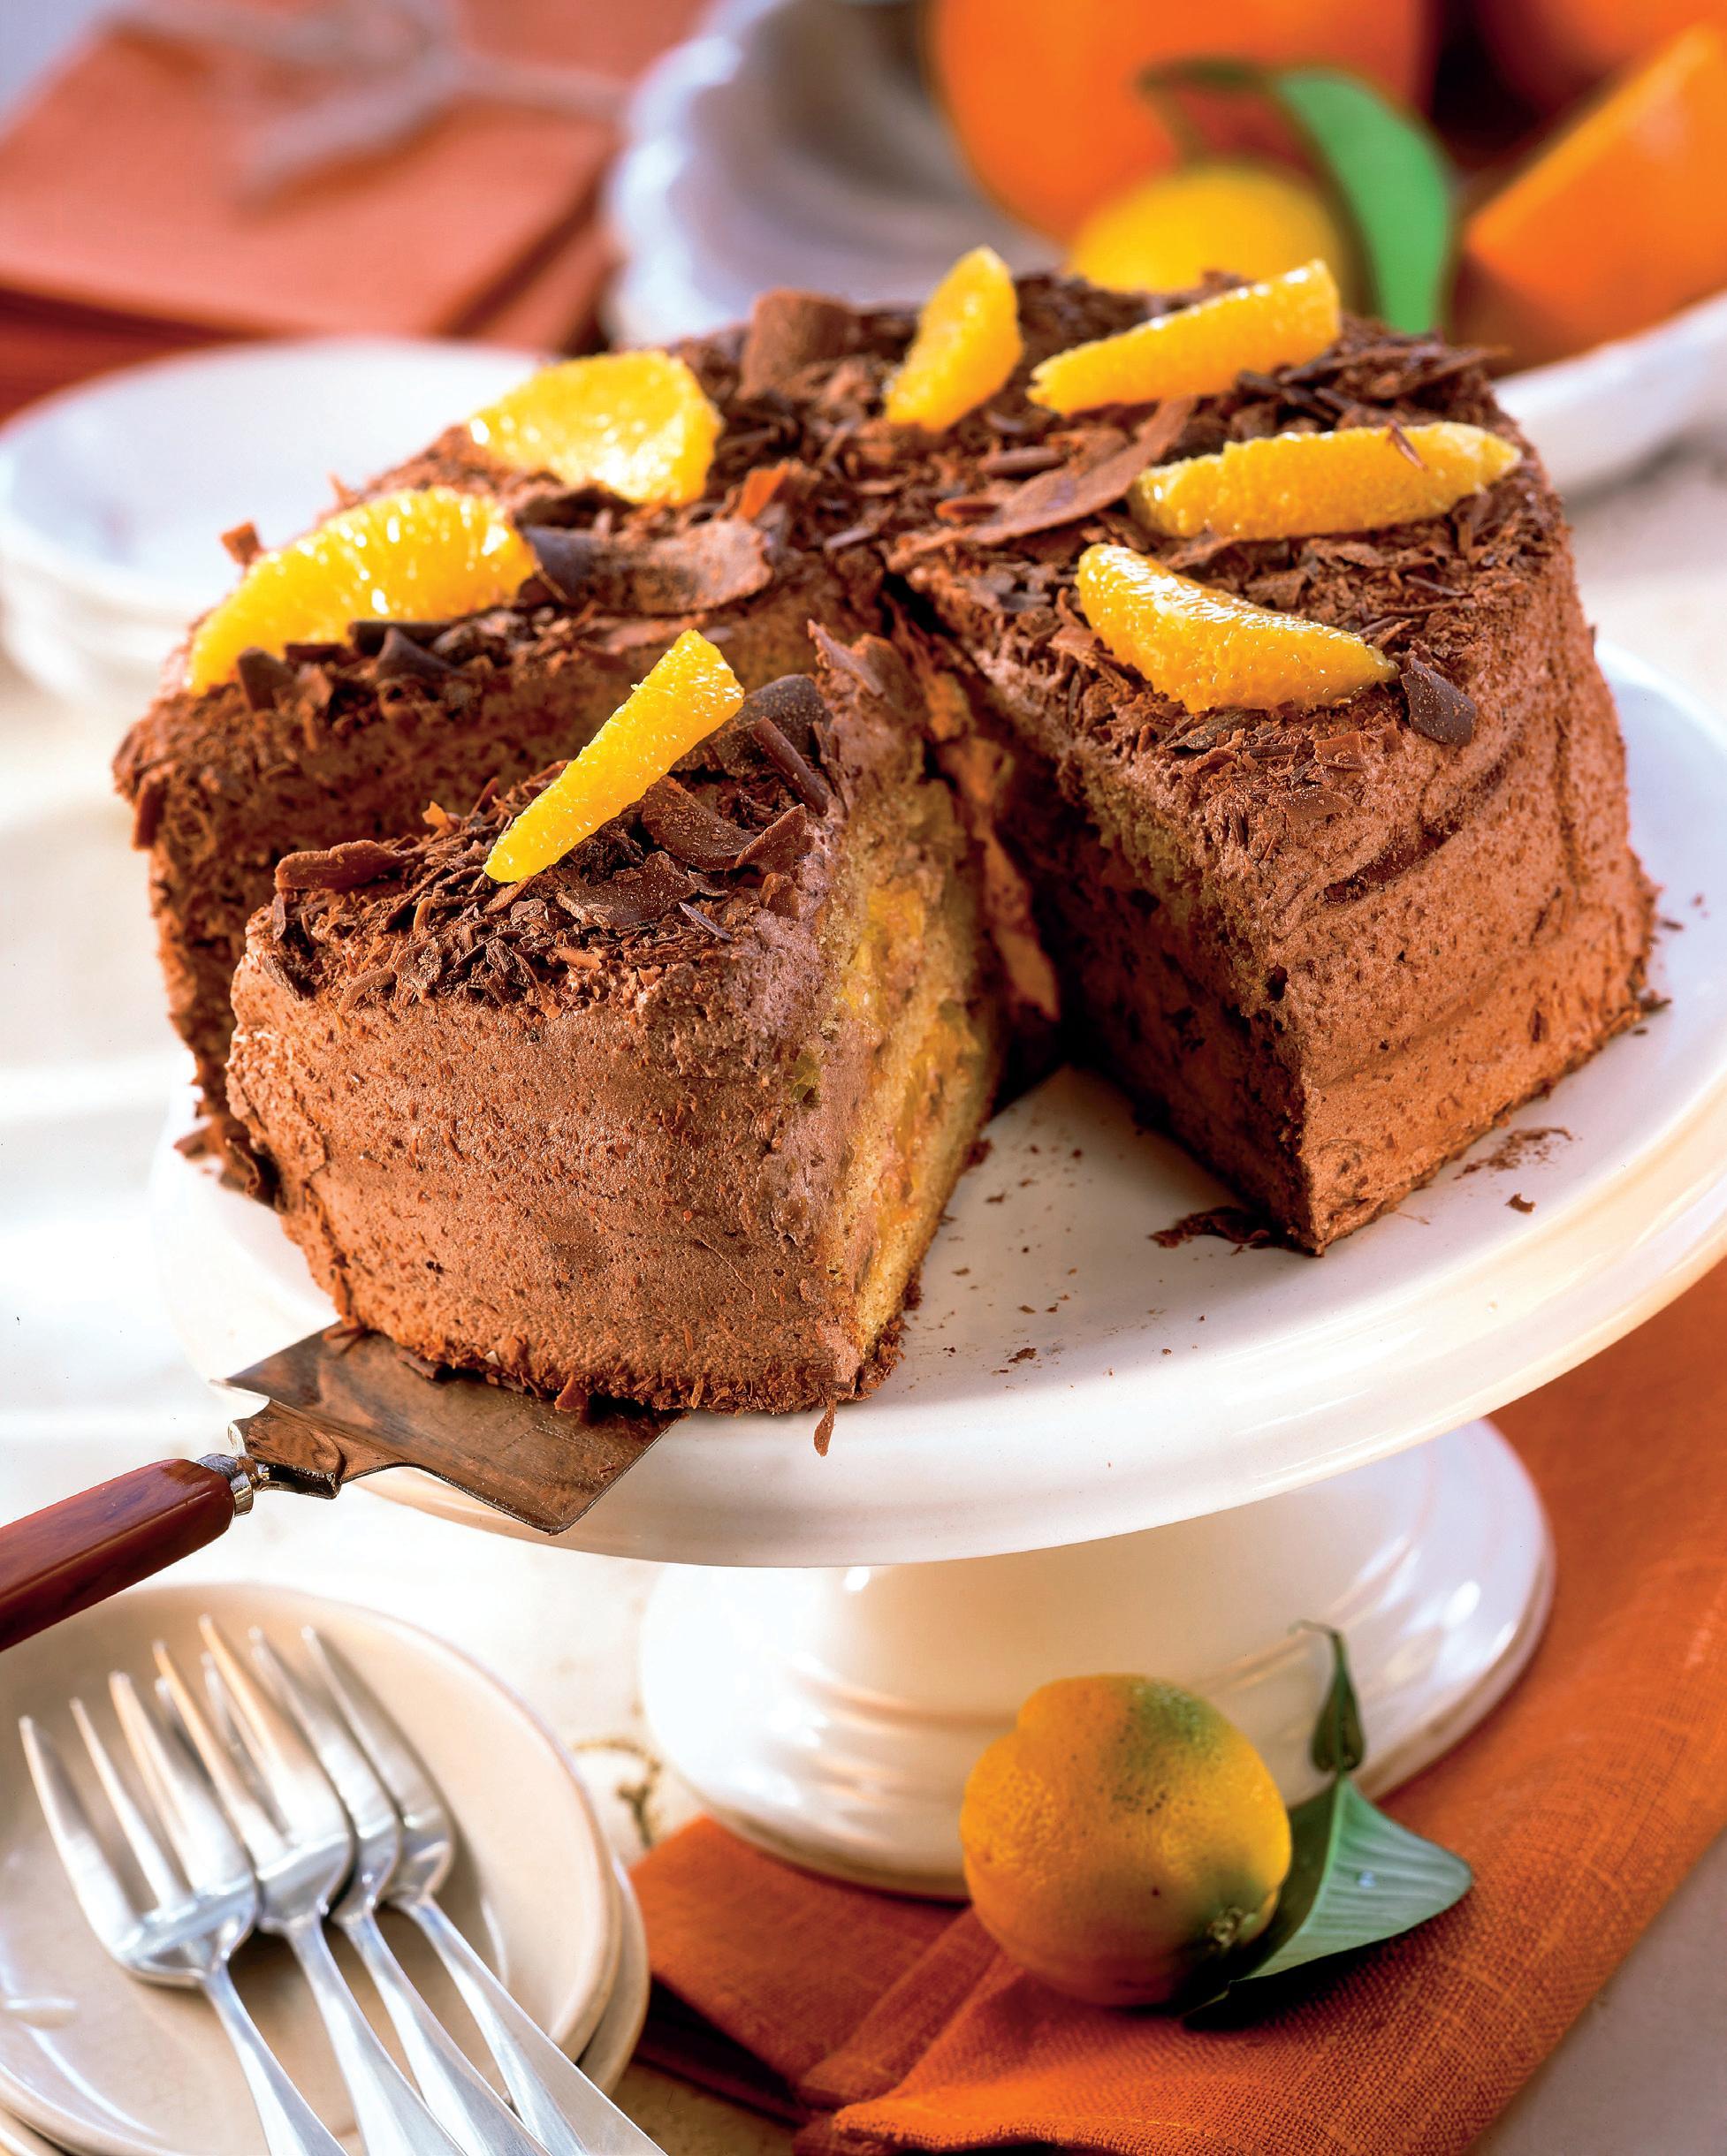 tort de ciocolat cu portocale retete culinare romanesti si din bucataria internationala. Black Bedroom Furniture Sets. Home Design Ideas